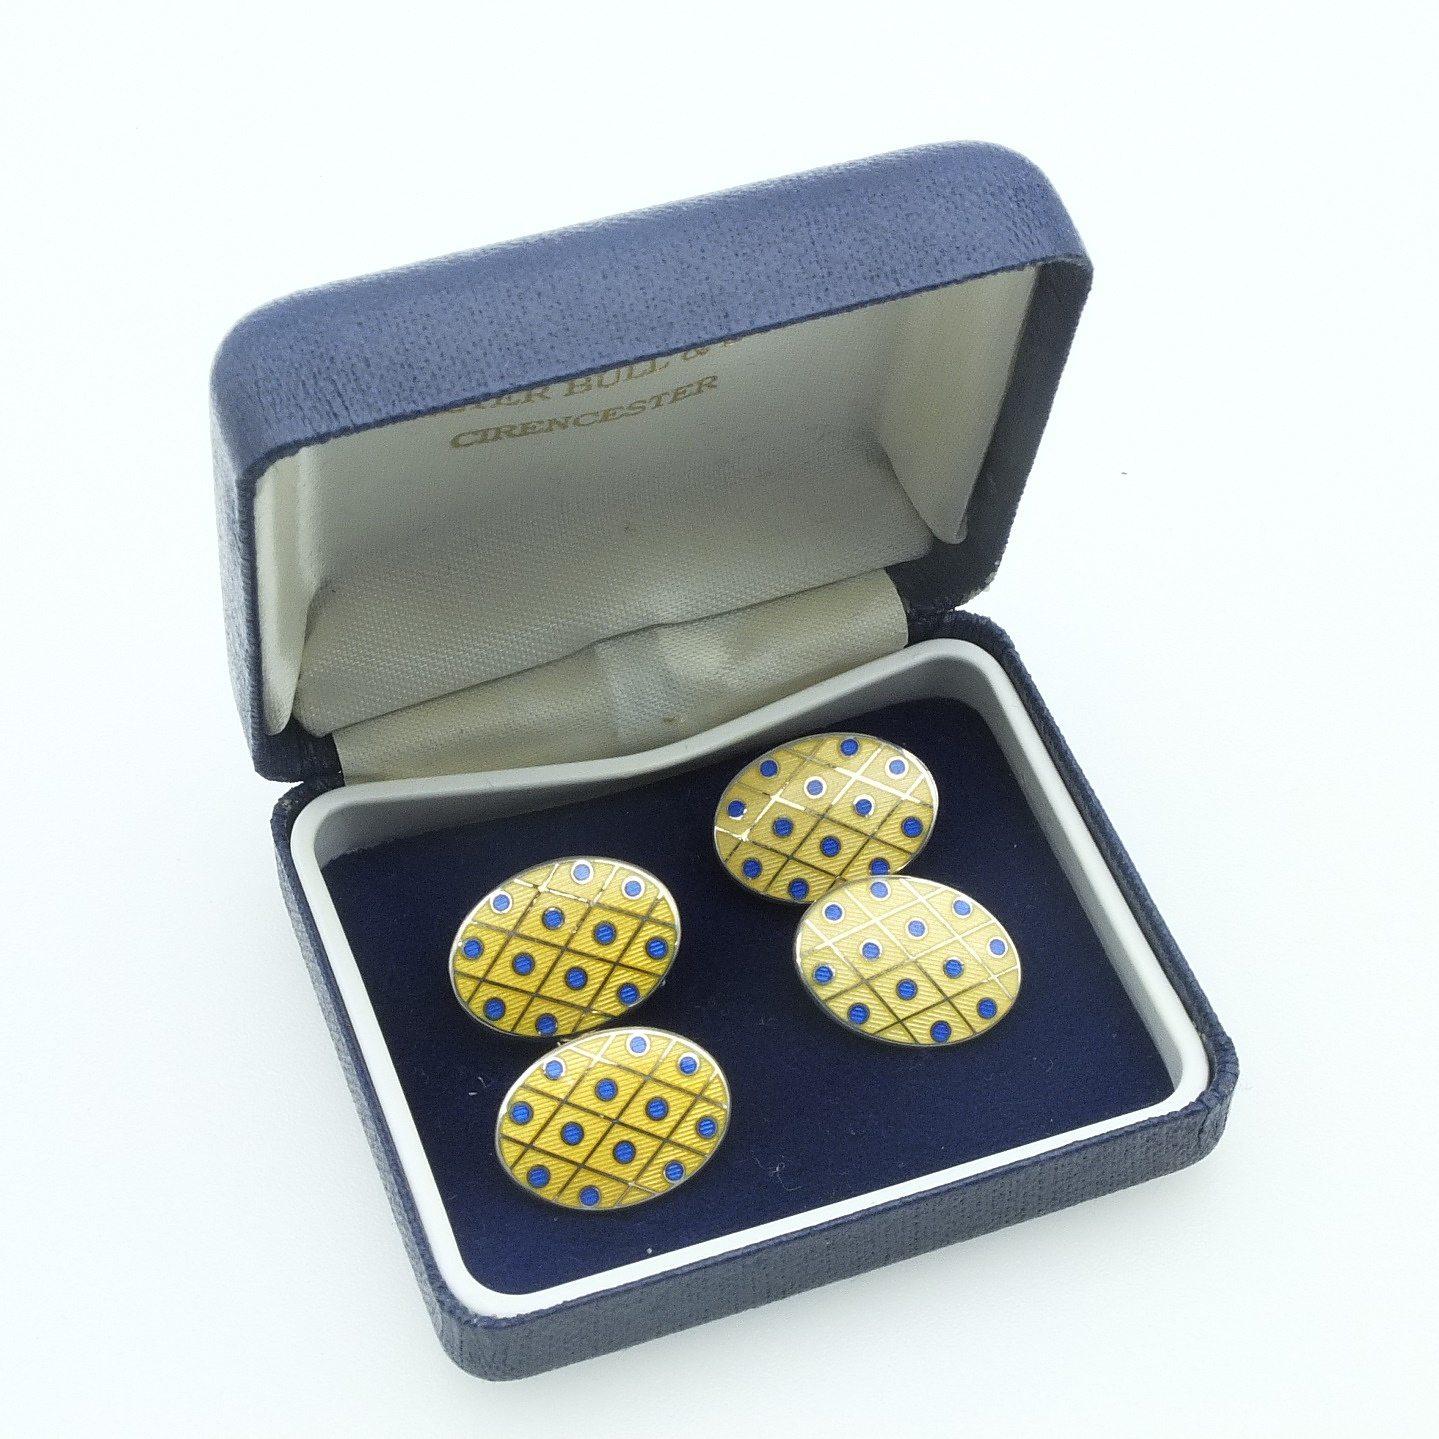 'Sterling Silver and Enamel Double Cufflinks Deakin & Francis Ltd Birmingham 1998'